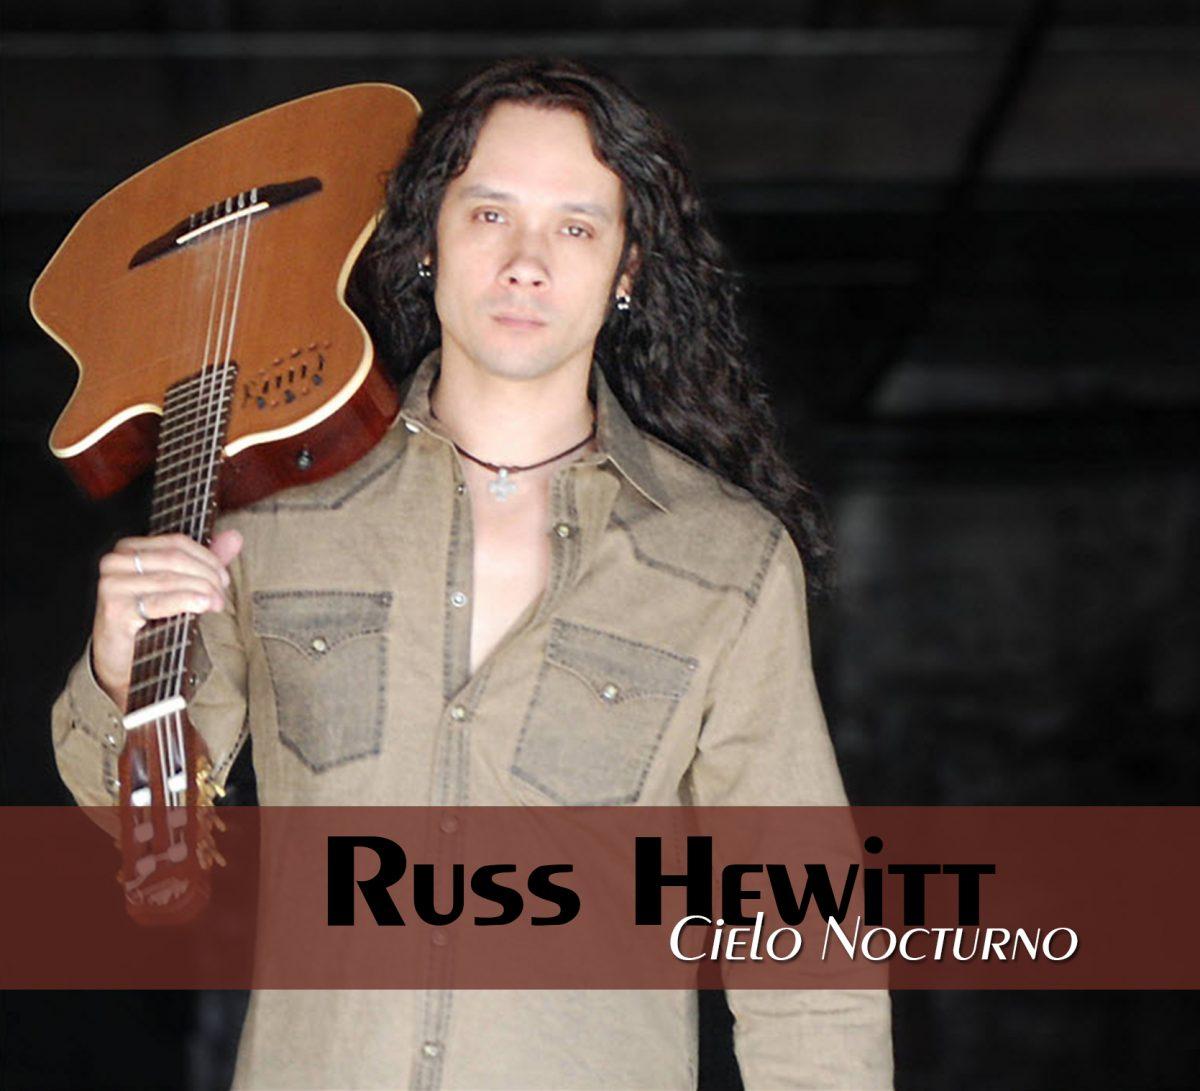 Russ Hewitt – 'Cielo Nocturno'